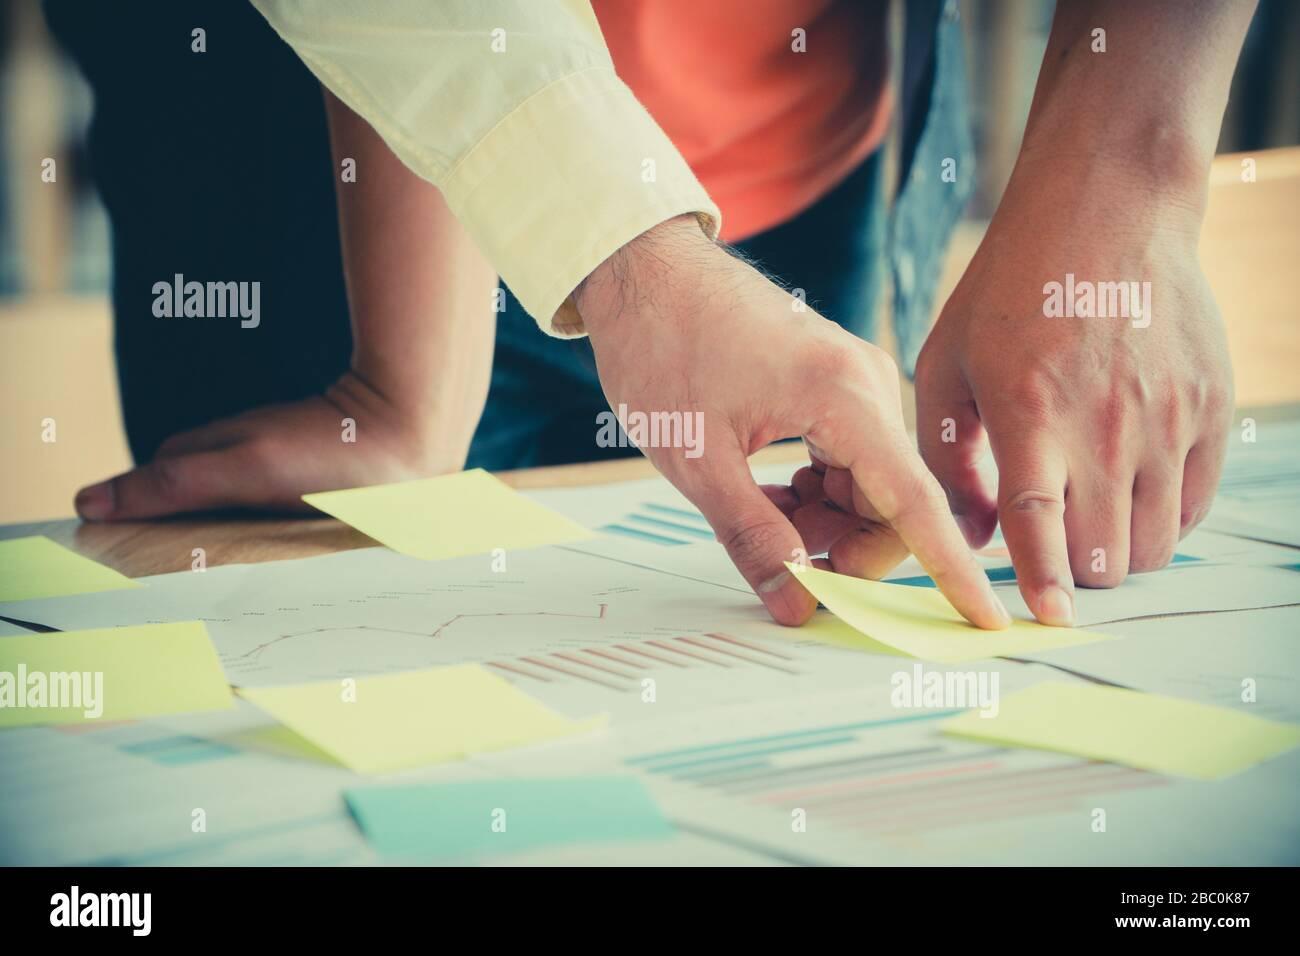 Groupe de gens d'affaires réunion permanent avec des collègues dans la salle de réunion et d'afficher le graphique de rendement annuel d'analyser et d'anticiper les t Banque D'Images